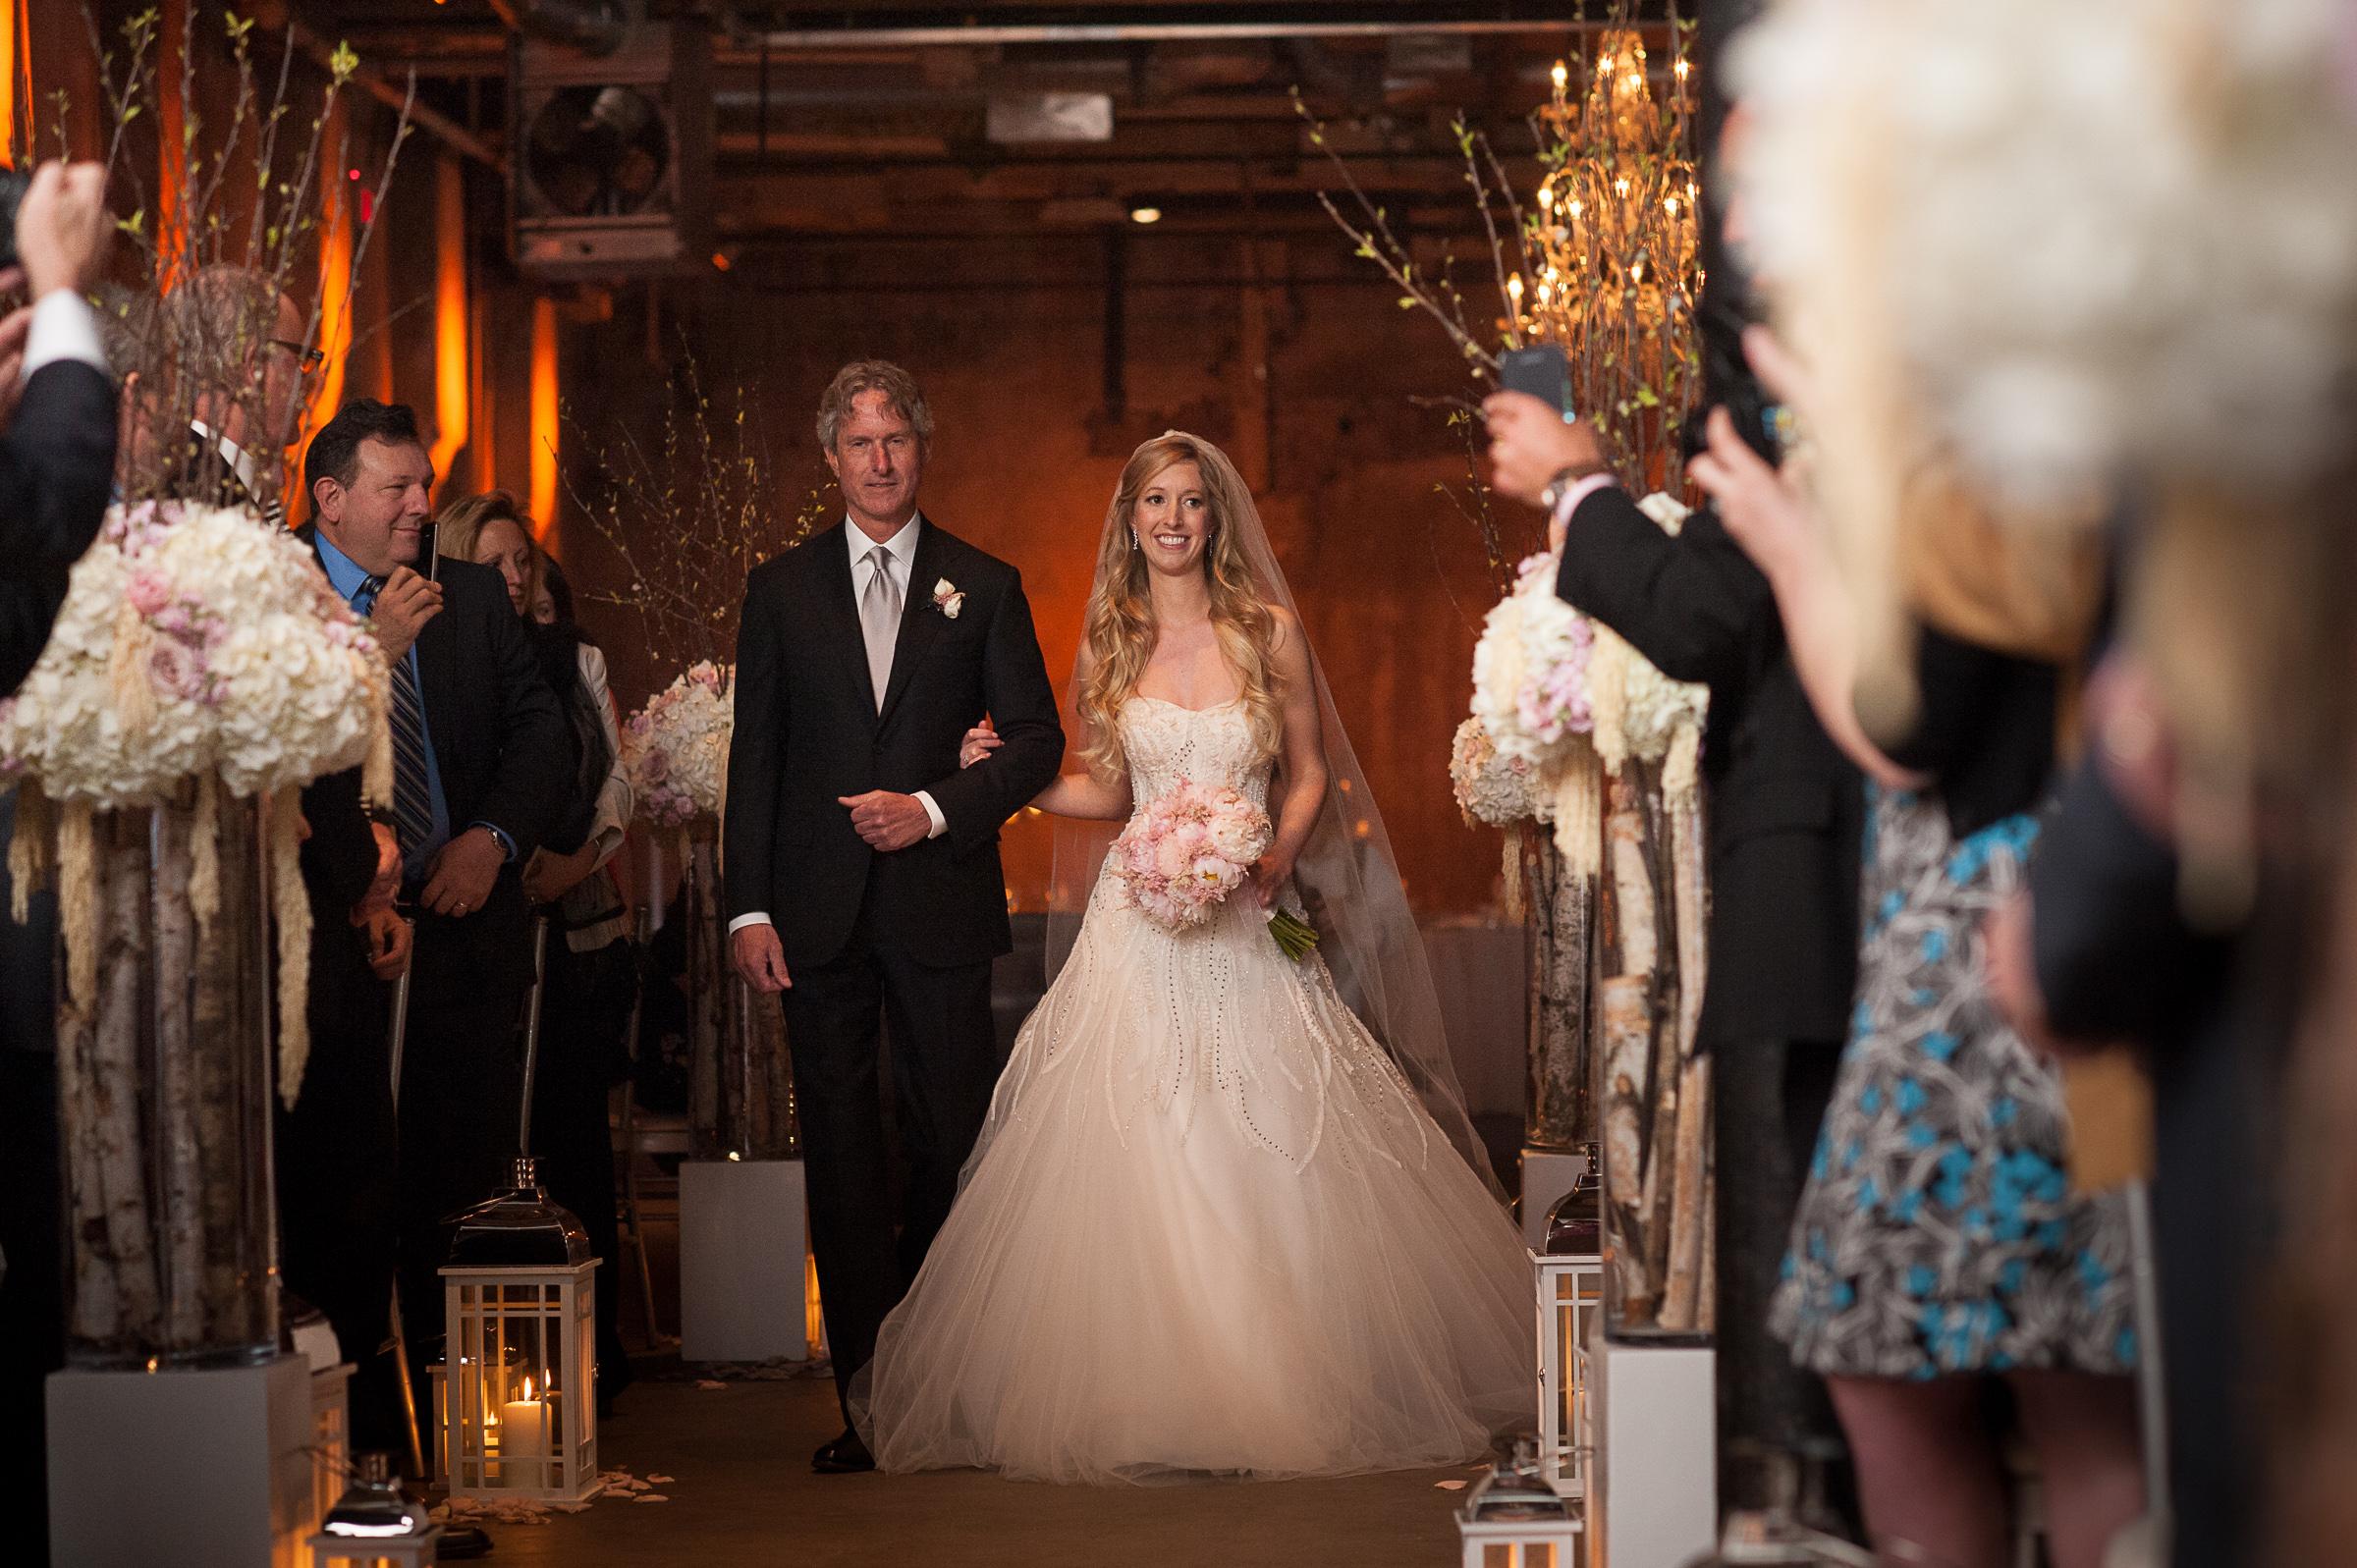 renee-ian-wedding-slideshow-025.jpg